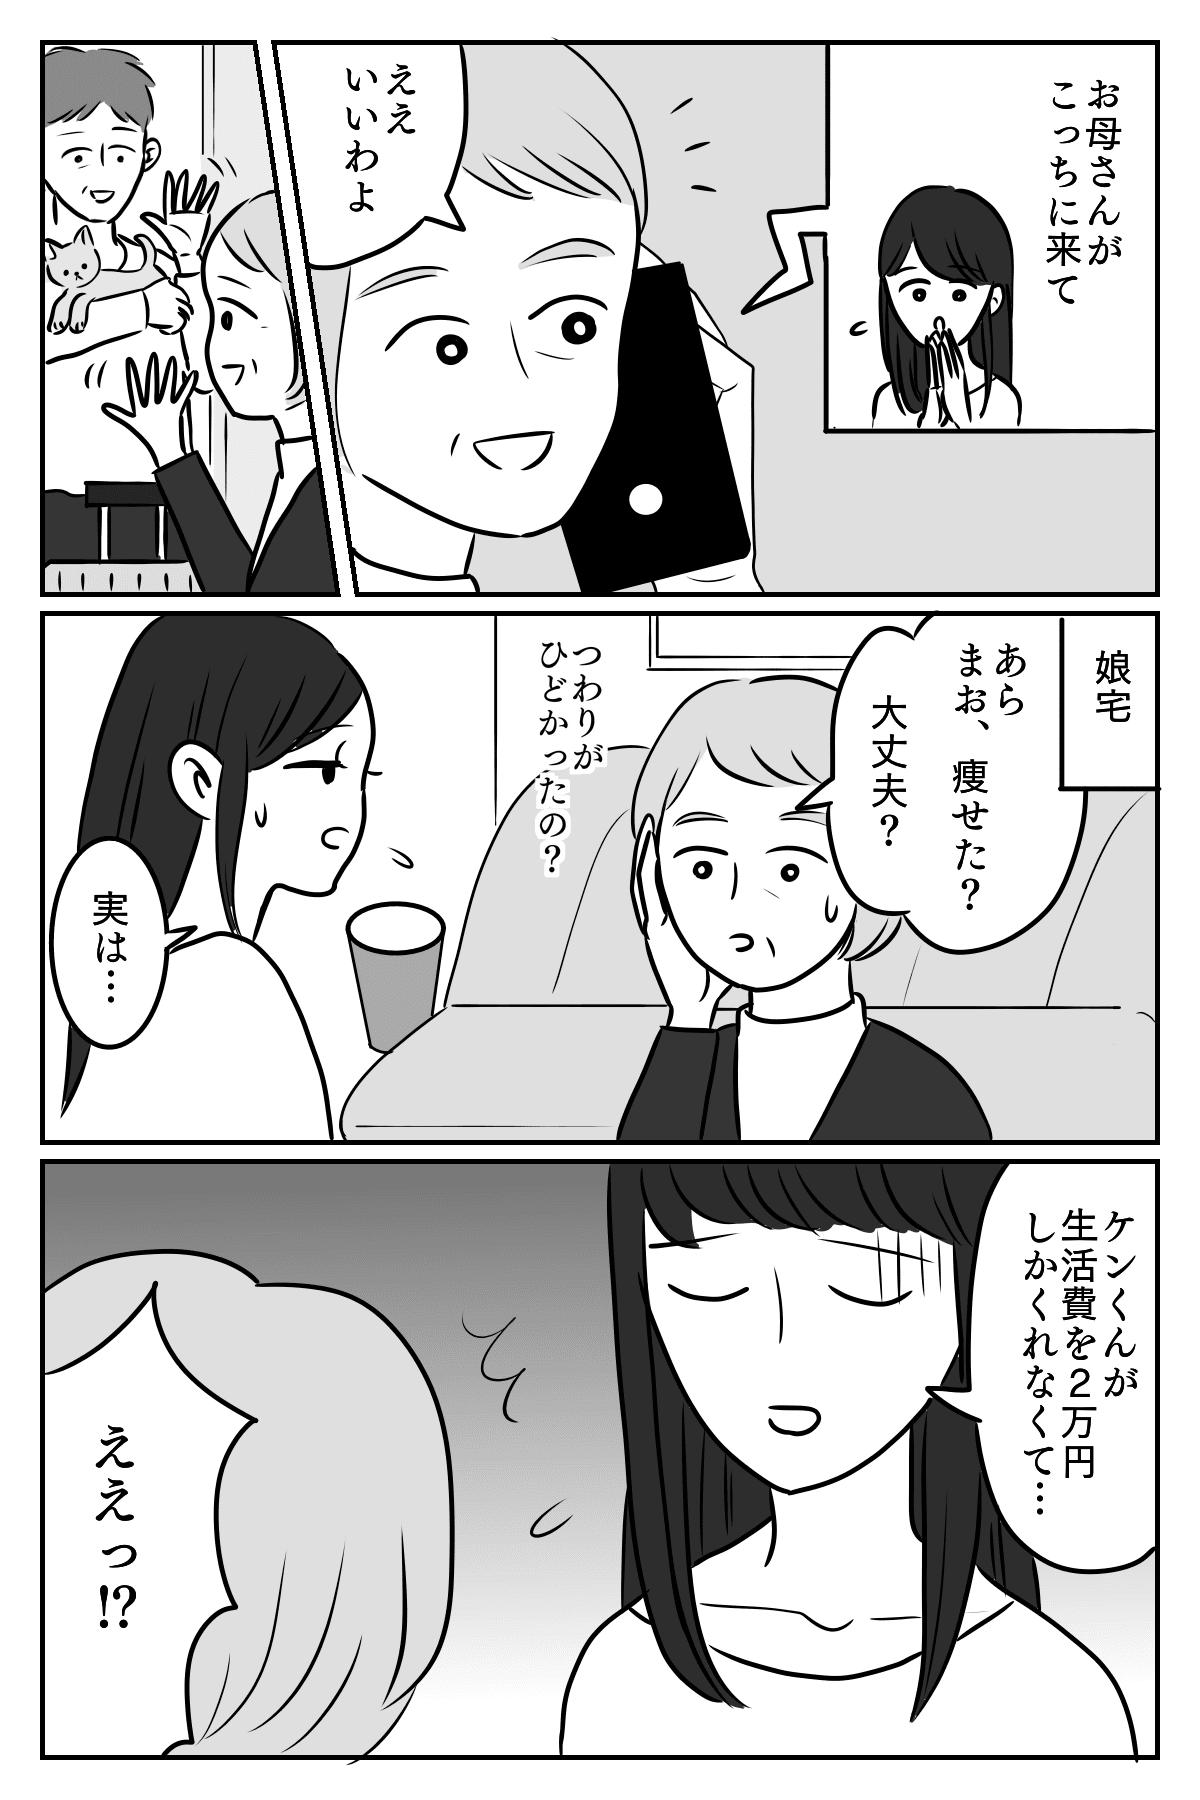 【第1話:生活費2万円】娘の夫がとんでもないケチだった……もしかしてモラハラ?01